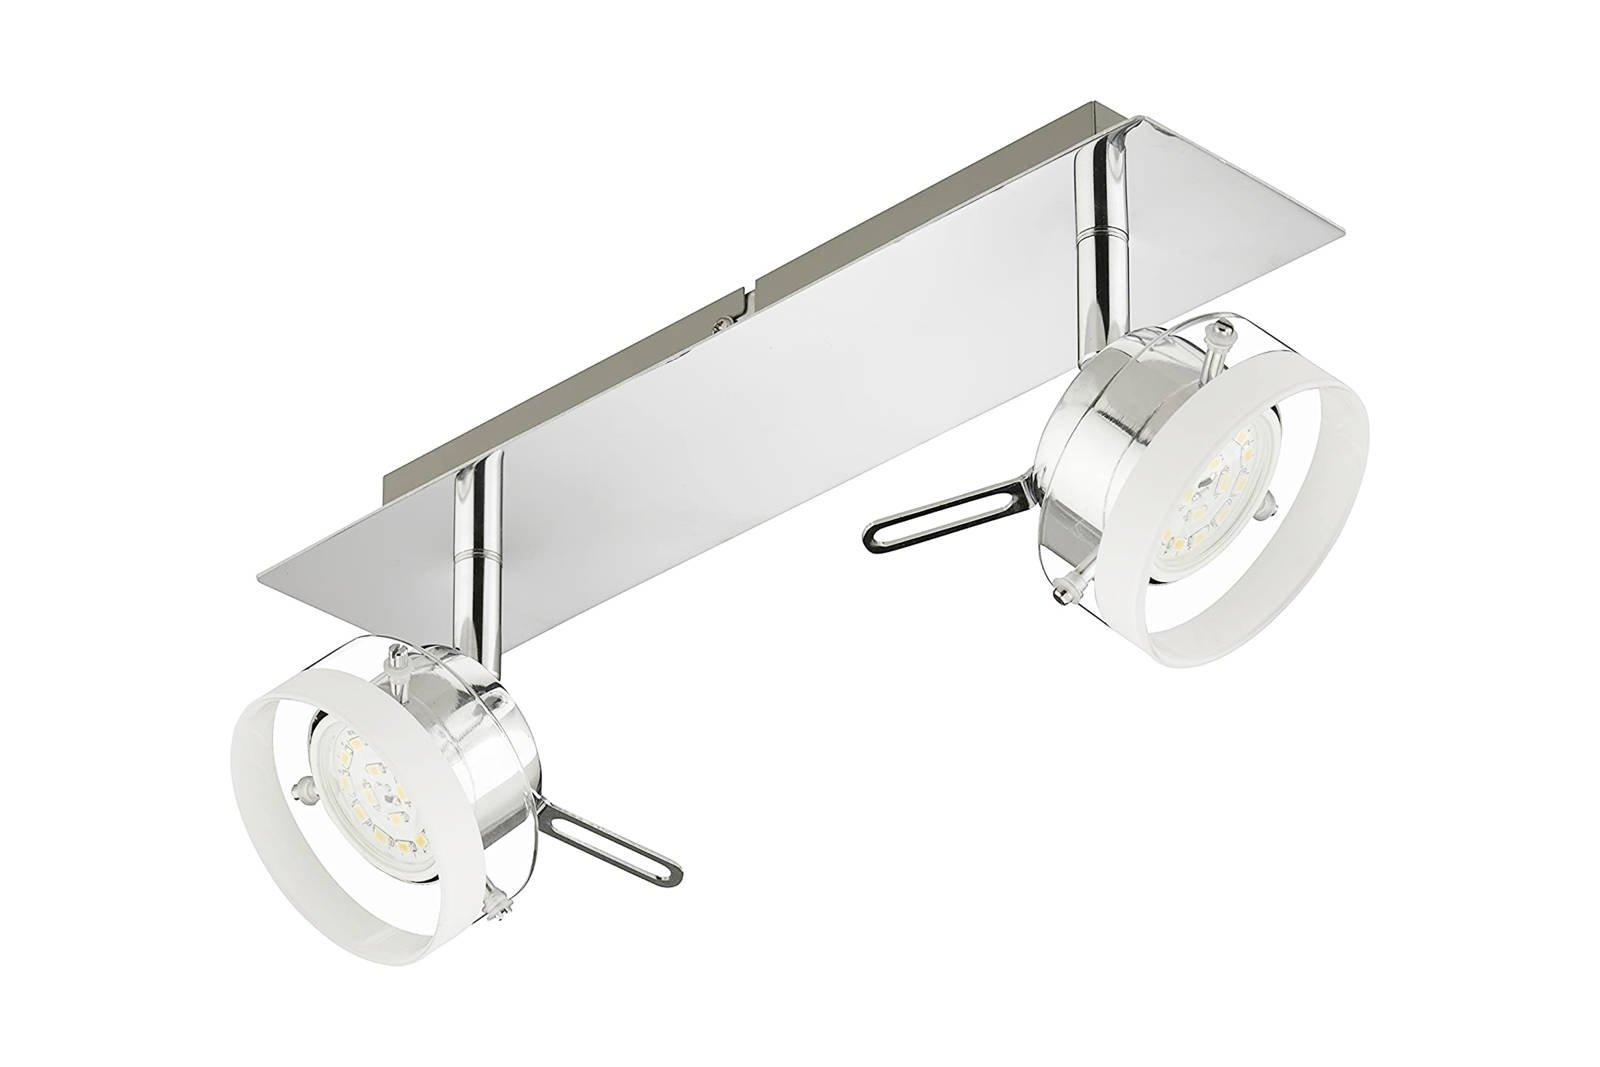 Deckenleuchte Decken Briloner Klicken 2807-028 2x 5W LED